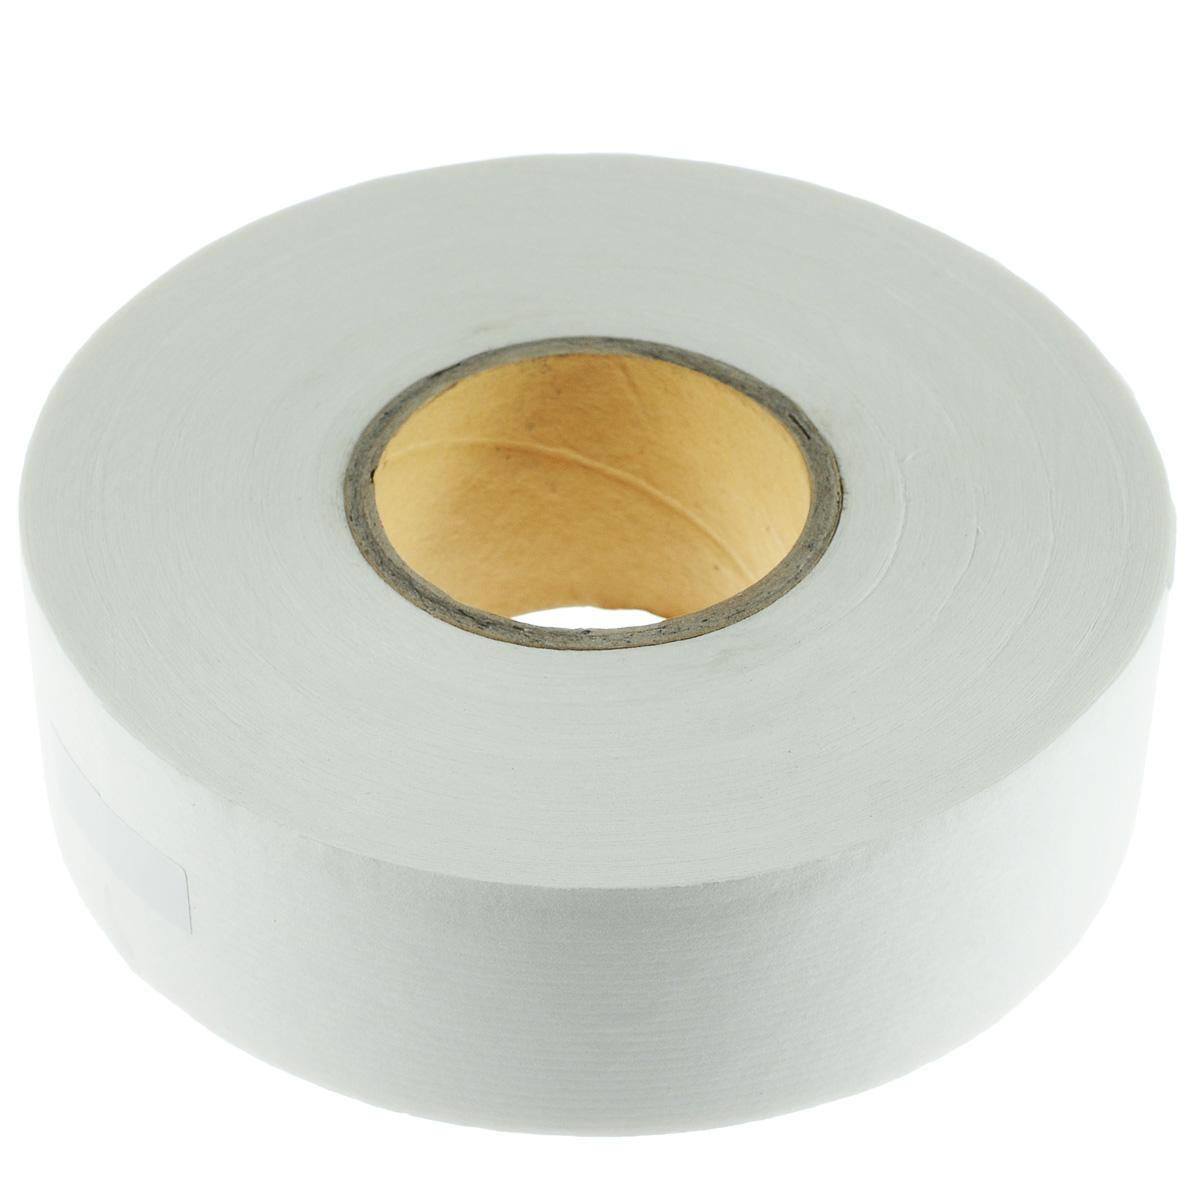 Лента клеевая Prym Паутинка, цвет: белый, ширина 4 см, длина 50 мK100Клеевая лента Prym, изготовленная из полиамида, предназначена для усиления швов и подгибов изделия. Лента оснащена бумажным защитным слоем. Используется на трикотажных и эластичных тканях, препятствует деформации и растяжению. Ширина: 4 см.Длина: 50 м.